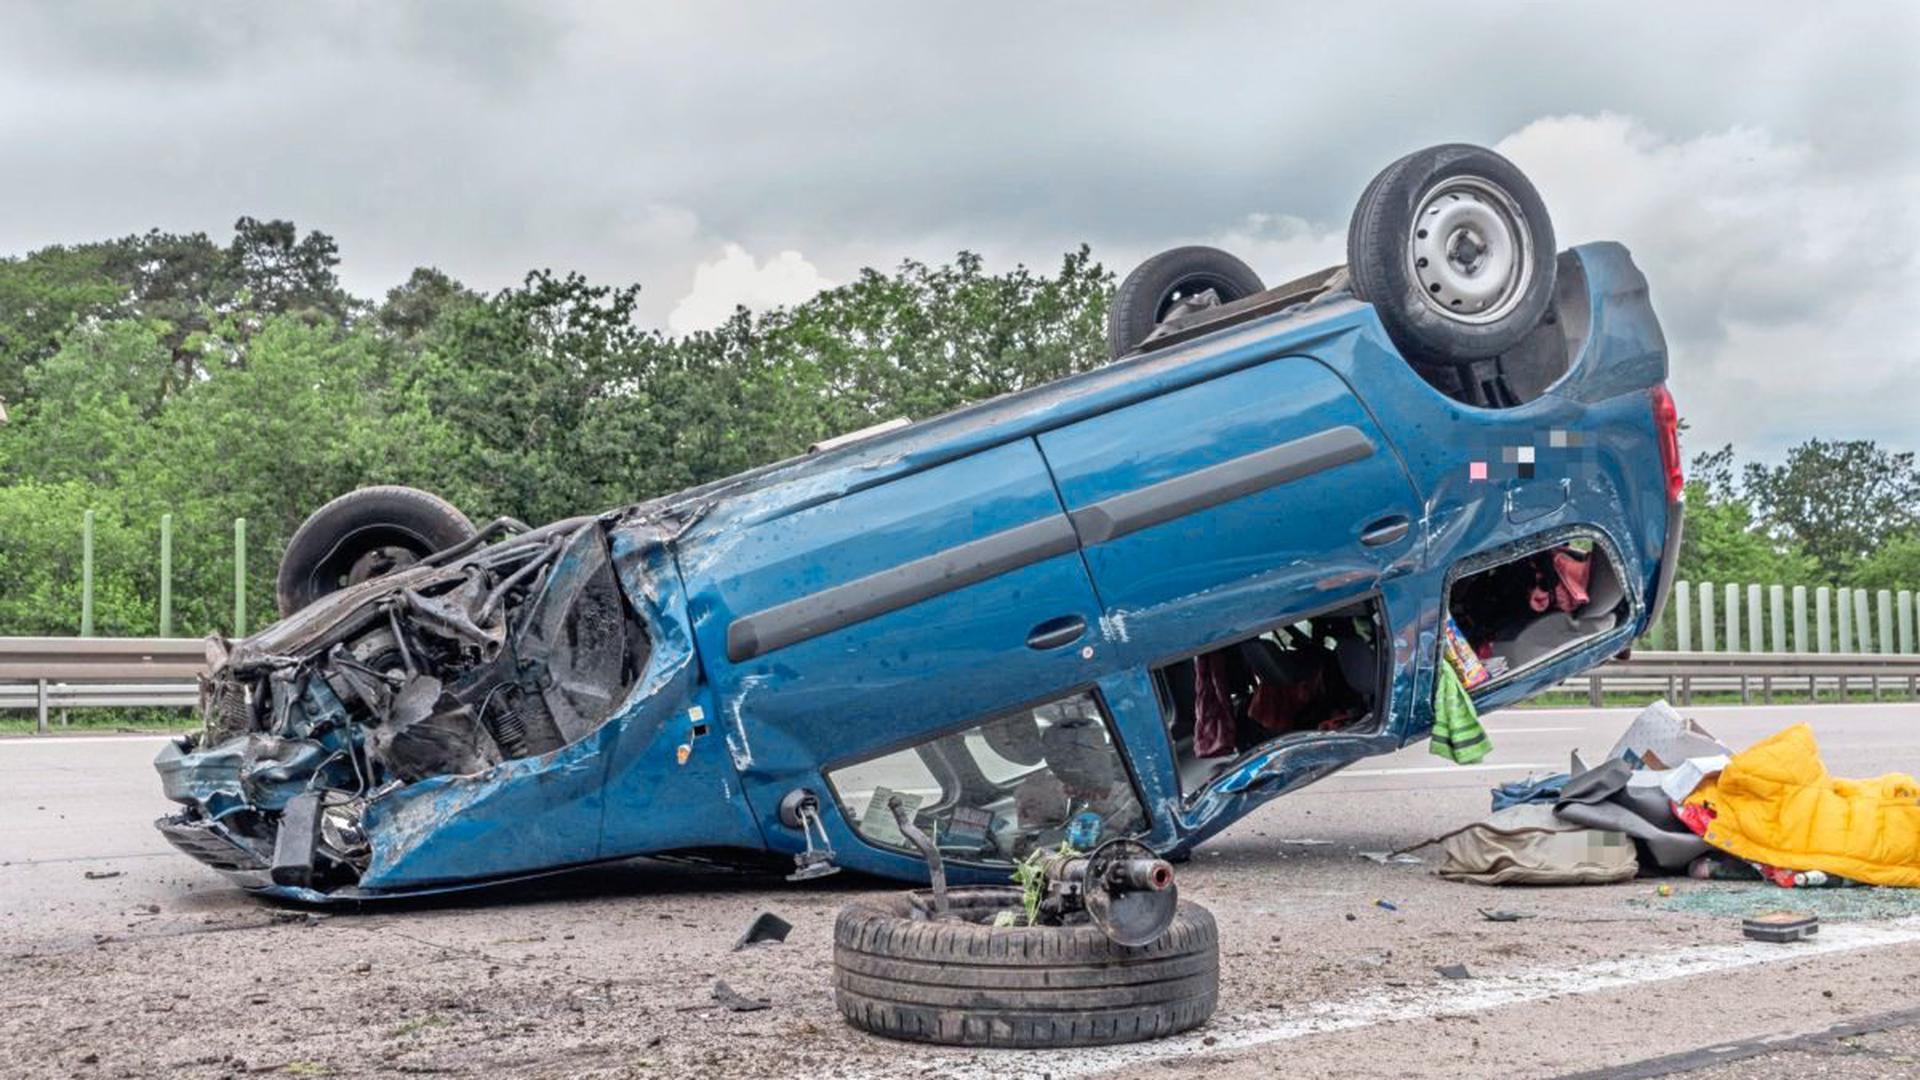 Ein 34-jähriger Autofahrer hat sich am Montag eine Verfolgungsjagd mit der Polizei über drei Autobahnen zwischen Karlsruhe, Bruchsal und Walldorf geliefert.